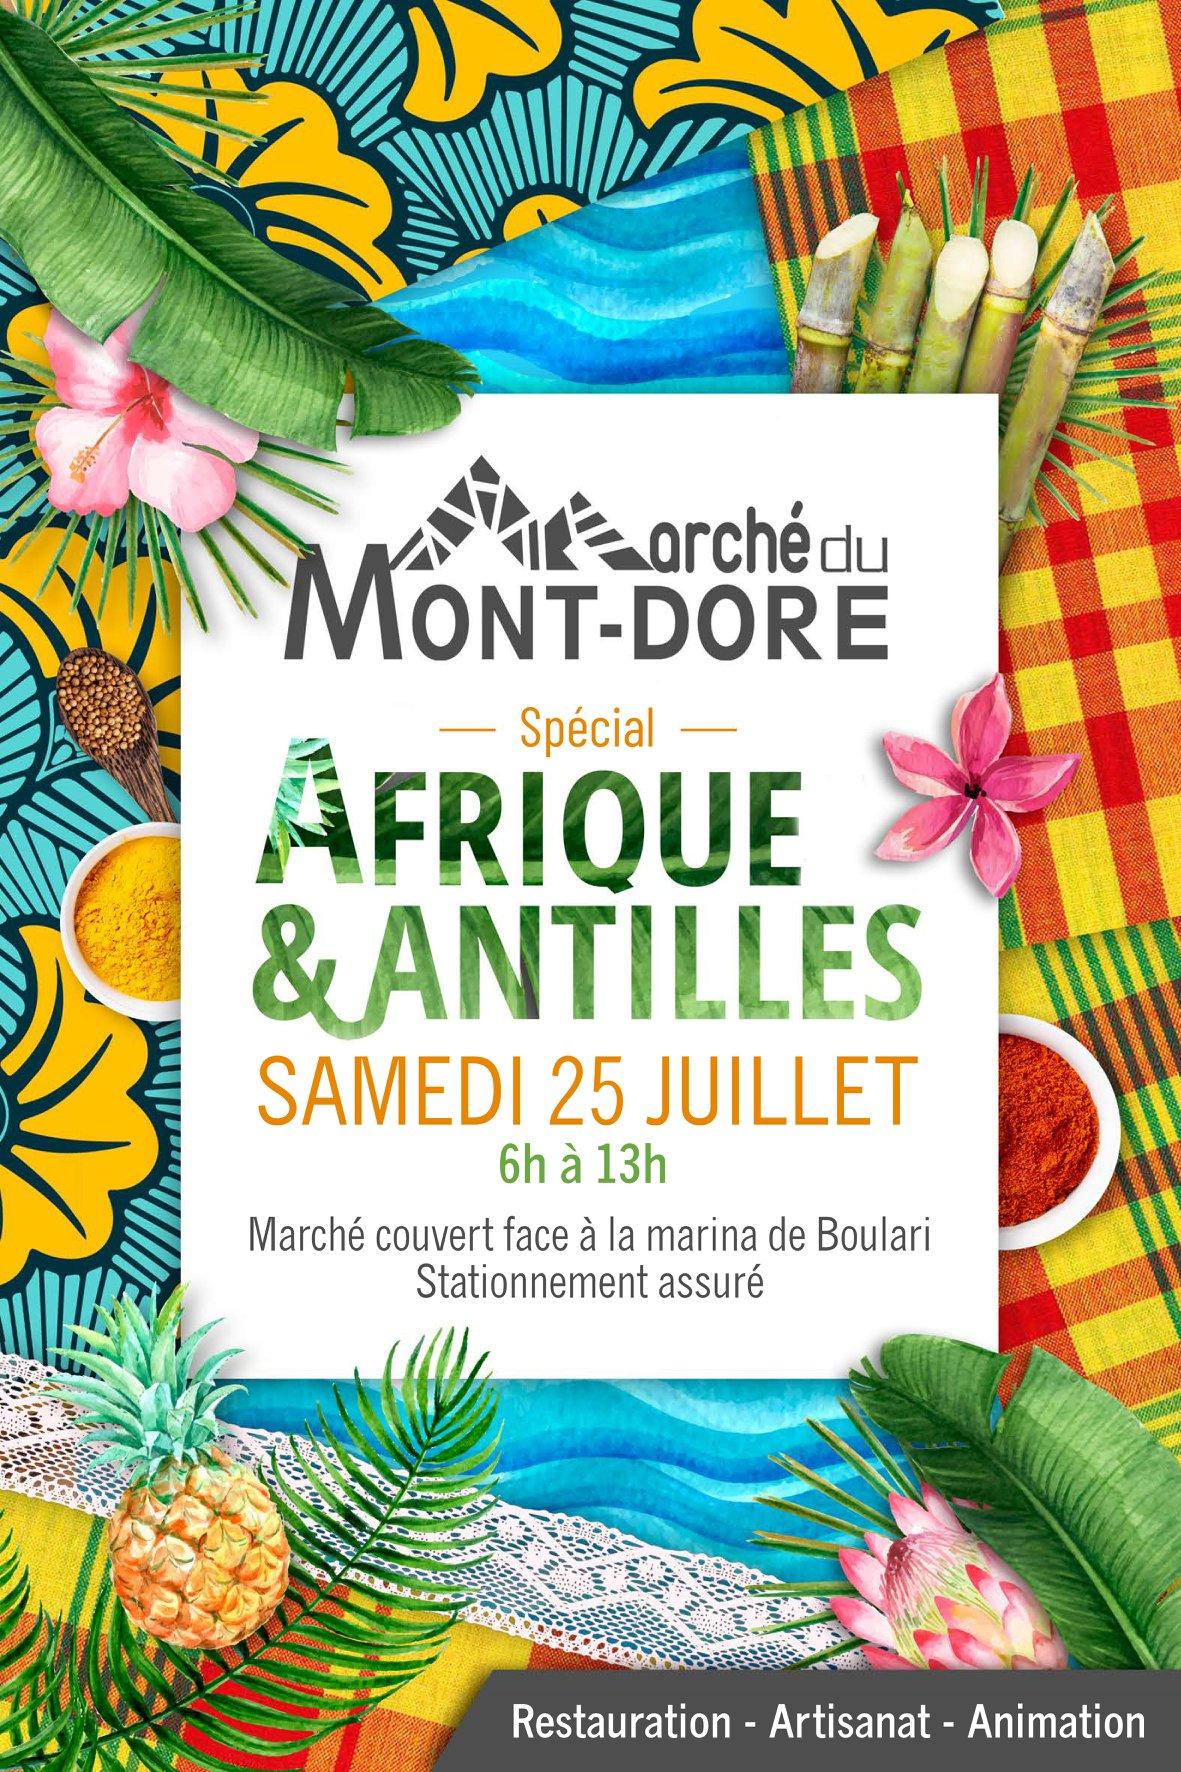 special afrique antilles 2020 ZOOM EVENEMENTS